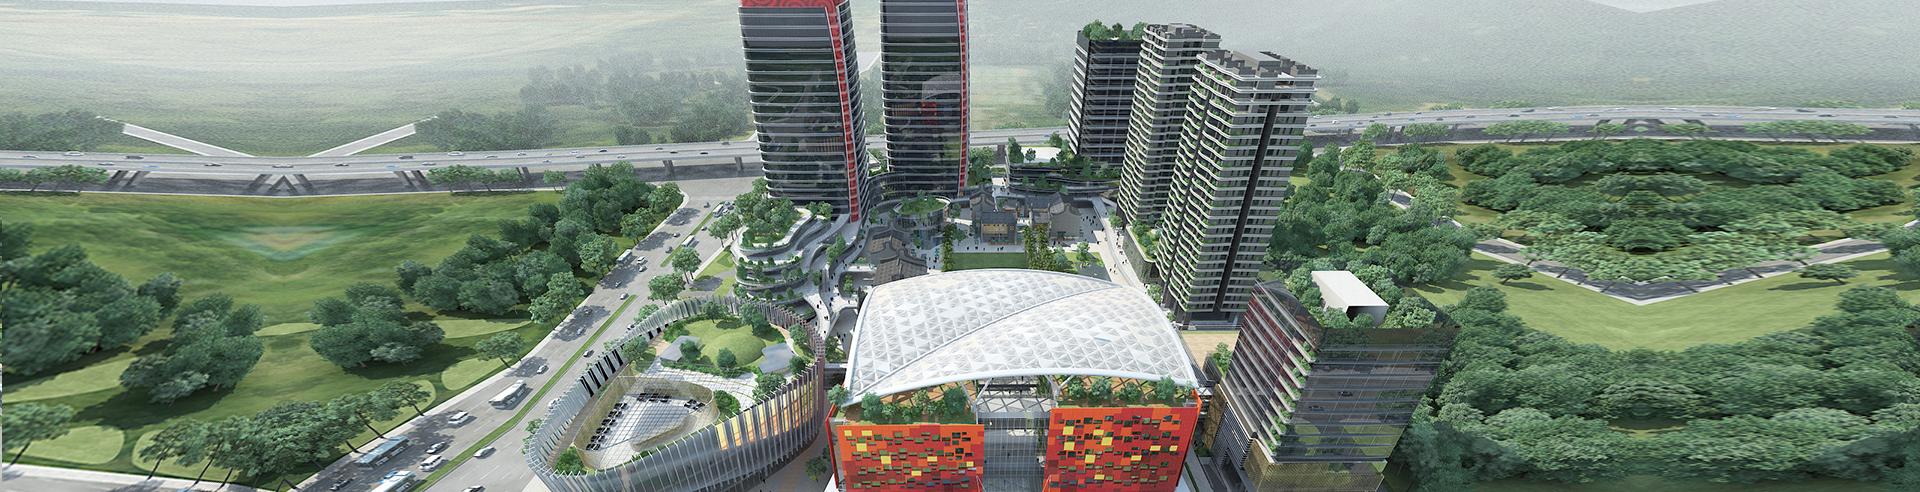 珠海横琴国际科技创新中心